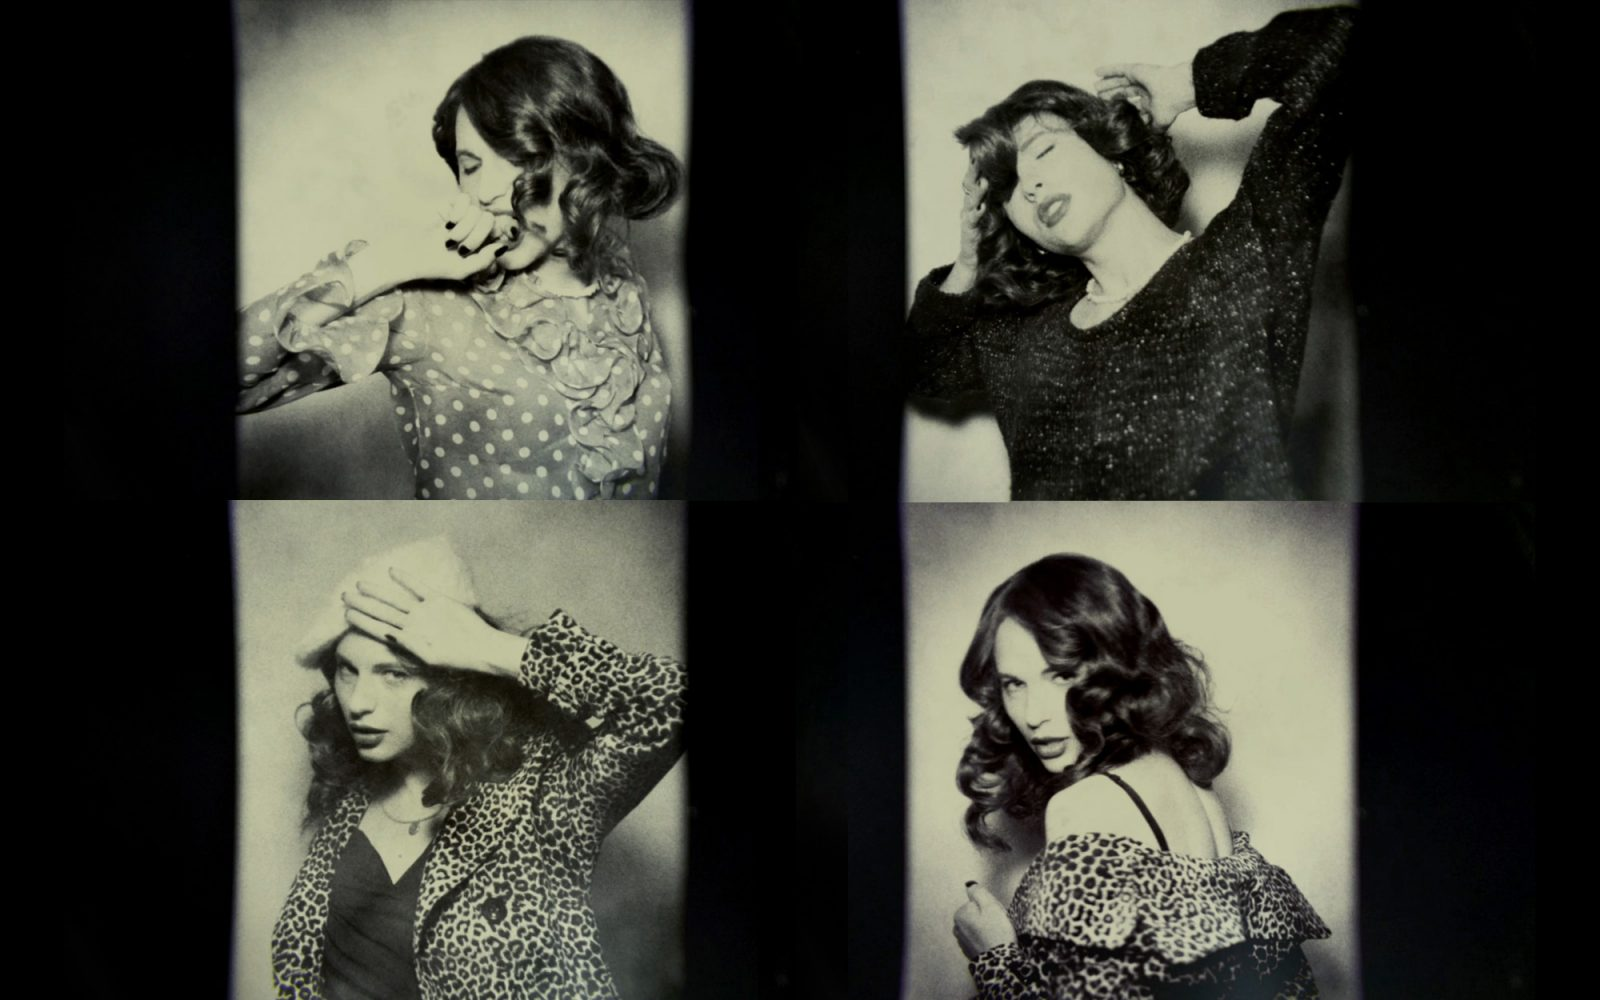 Olivia-Still_Ecco-Homo1